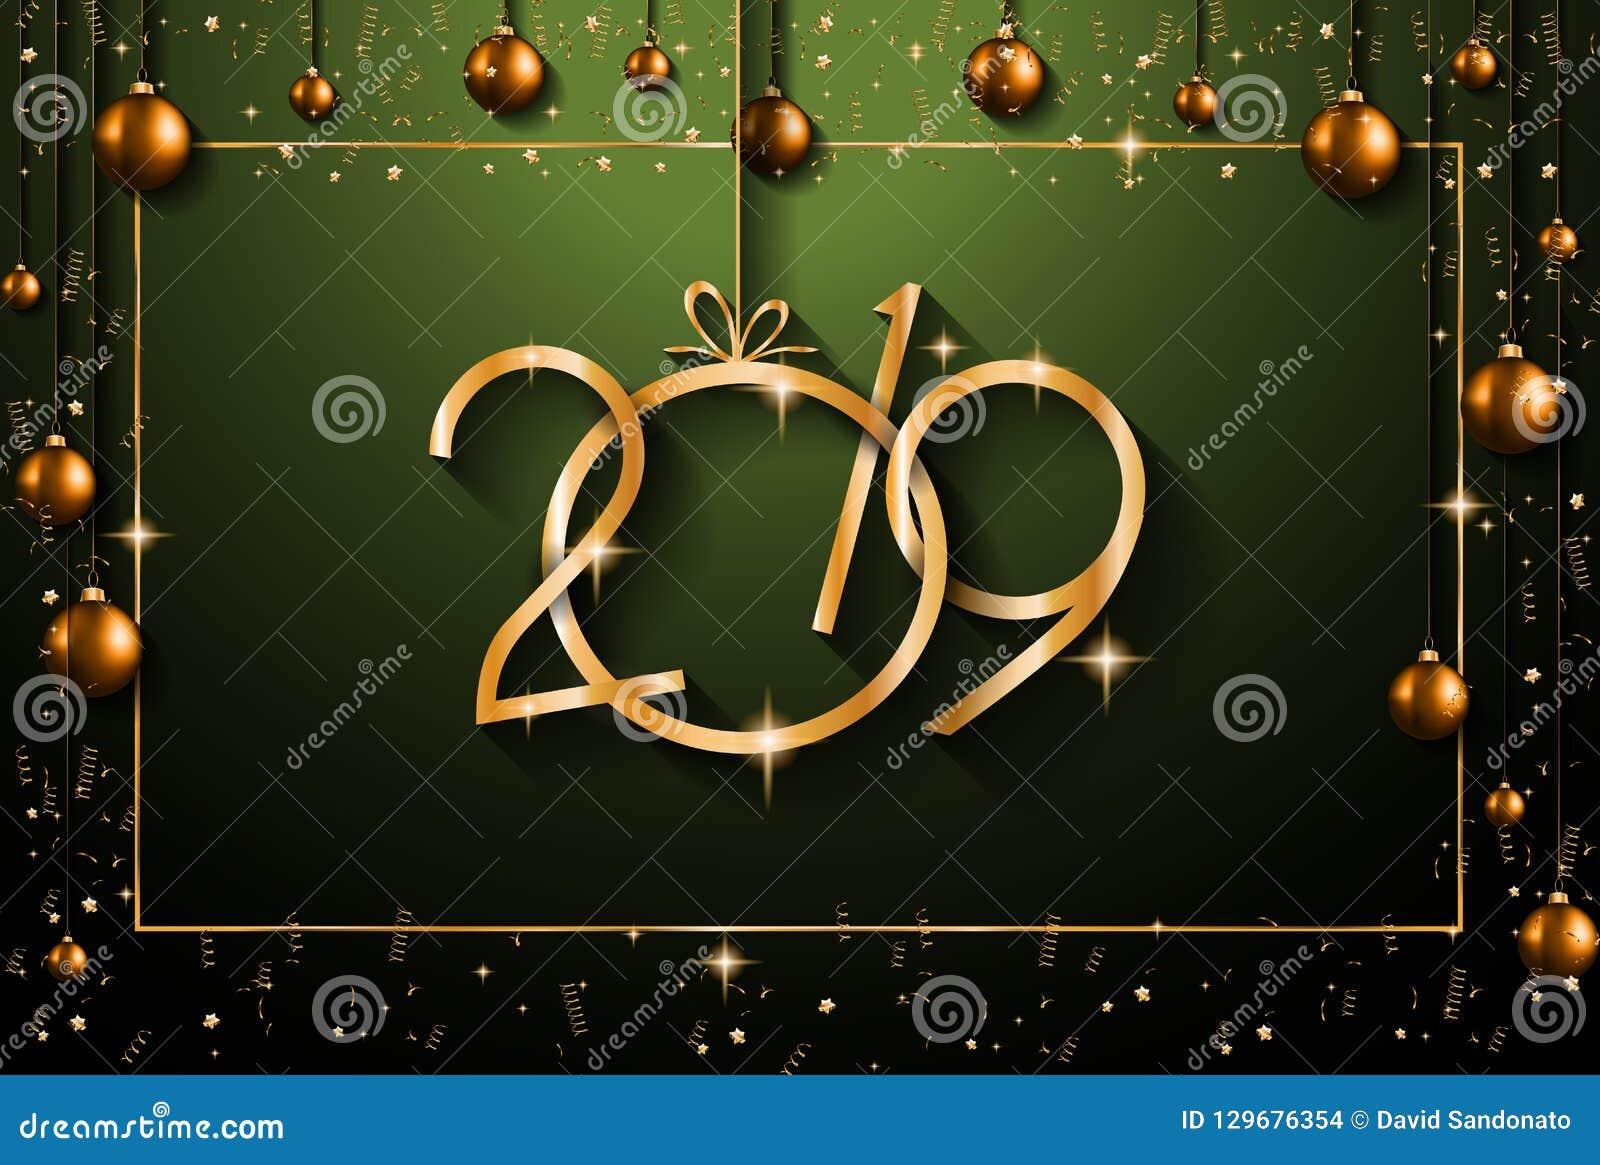 2019 υπόβαθρο καλής χρονιάς για τα εποχιακά ιπτάμενα και το Gree σας